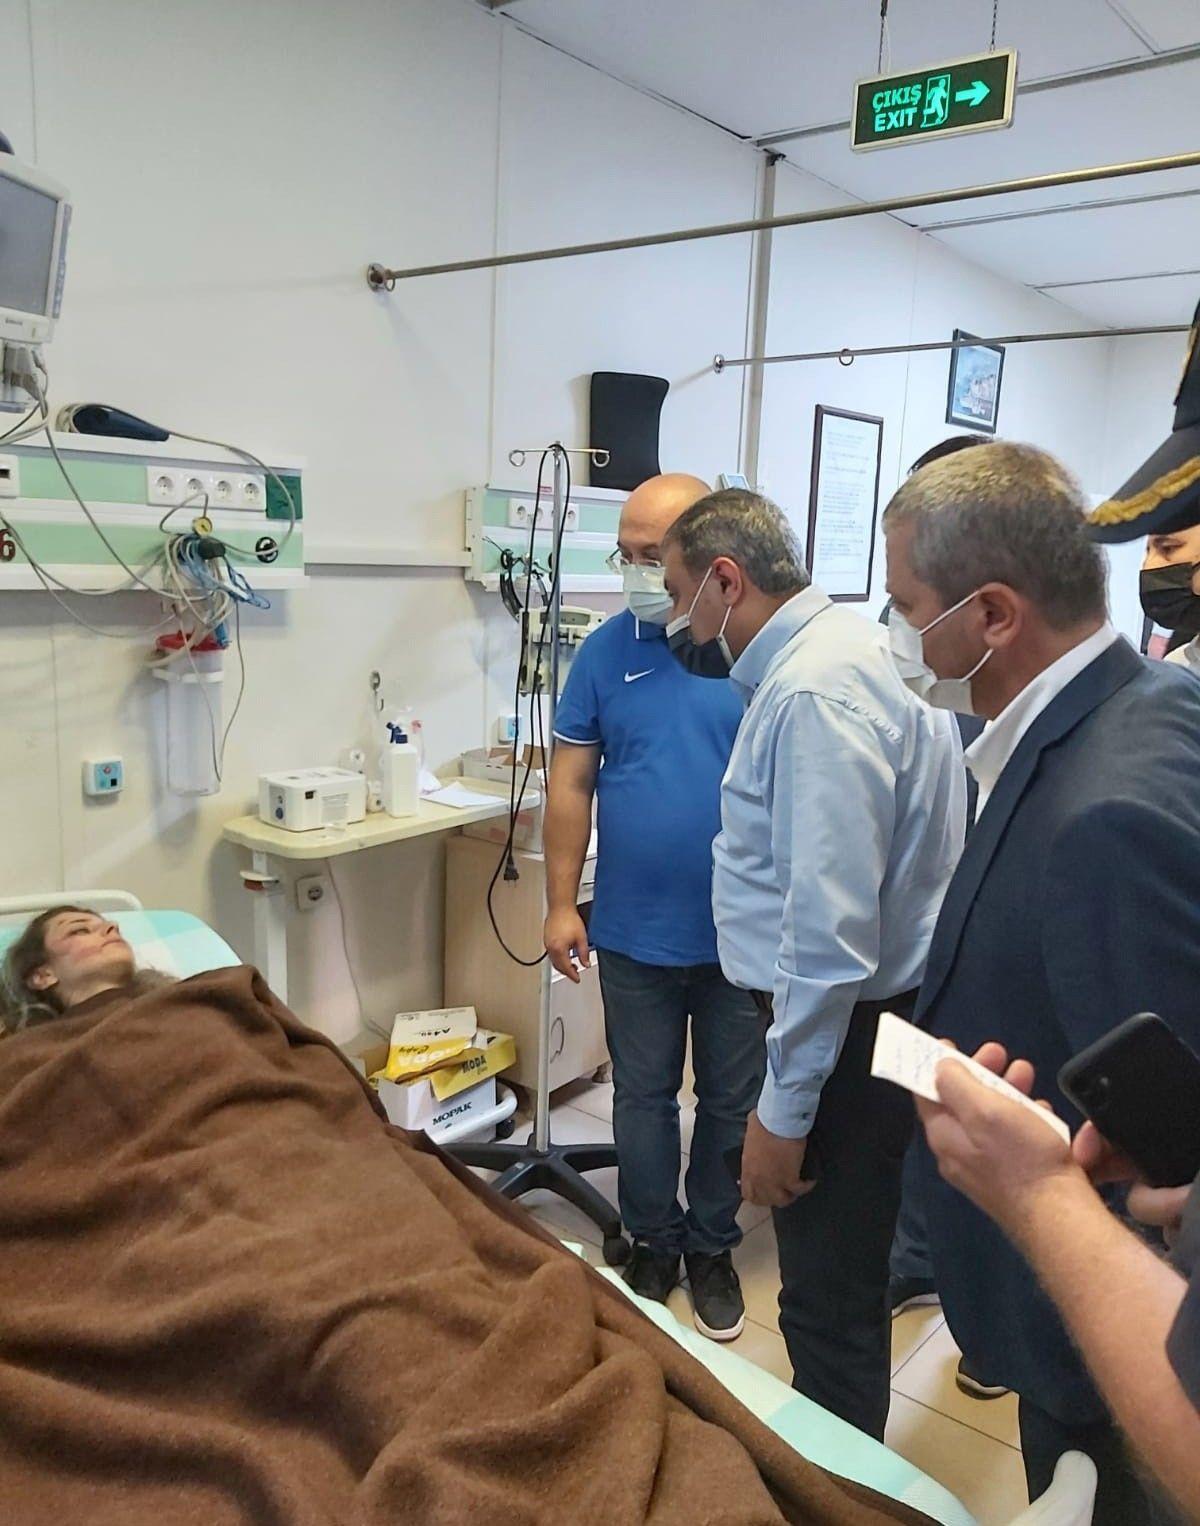 Balıkesir'deki otobüs kazasında hayatını kaybedenlerin kimlikleri belli oldu #6